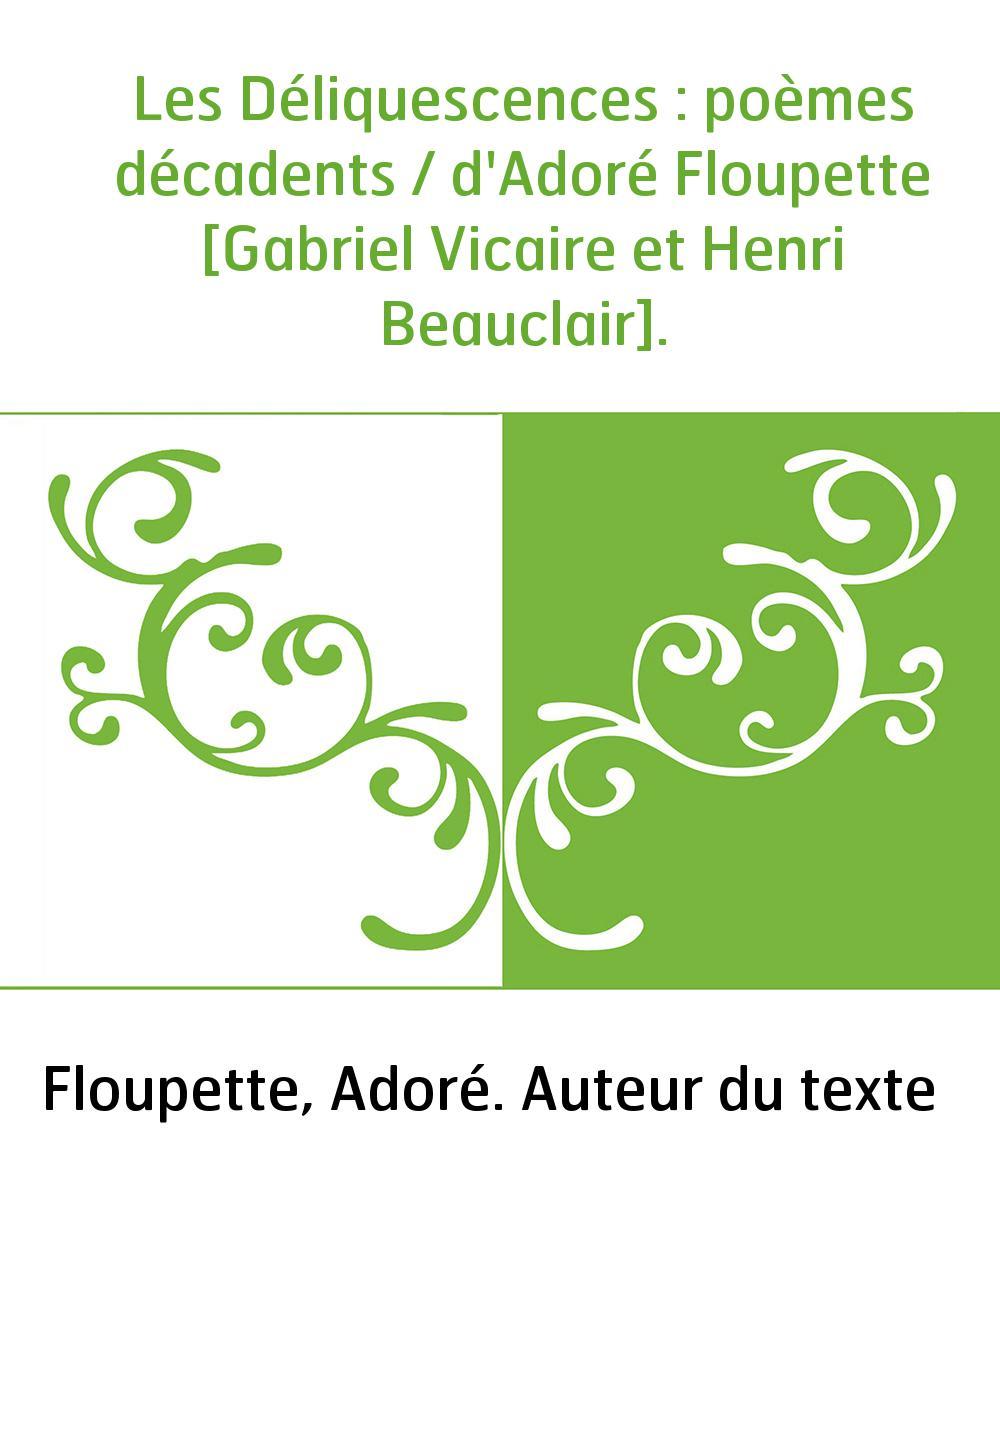 Les Déliquescences : poèmes décadents / d'Adoré Floupette [Gabriel Vicaire et Henri Beauclair].